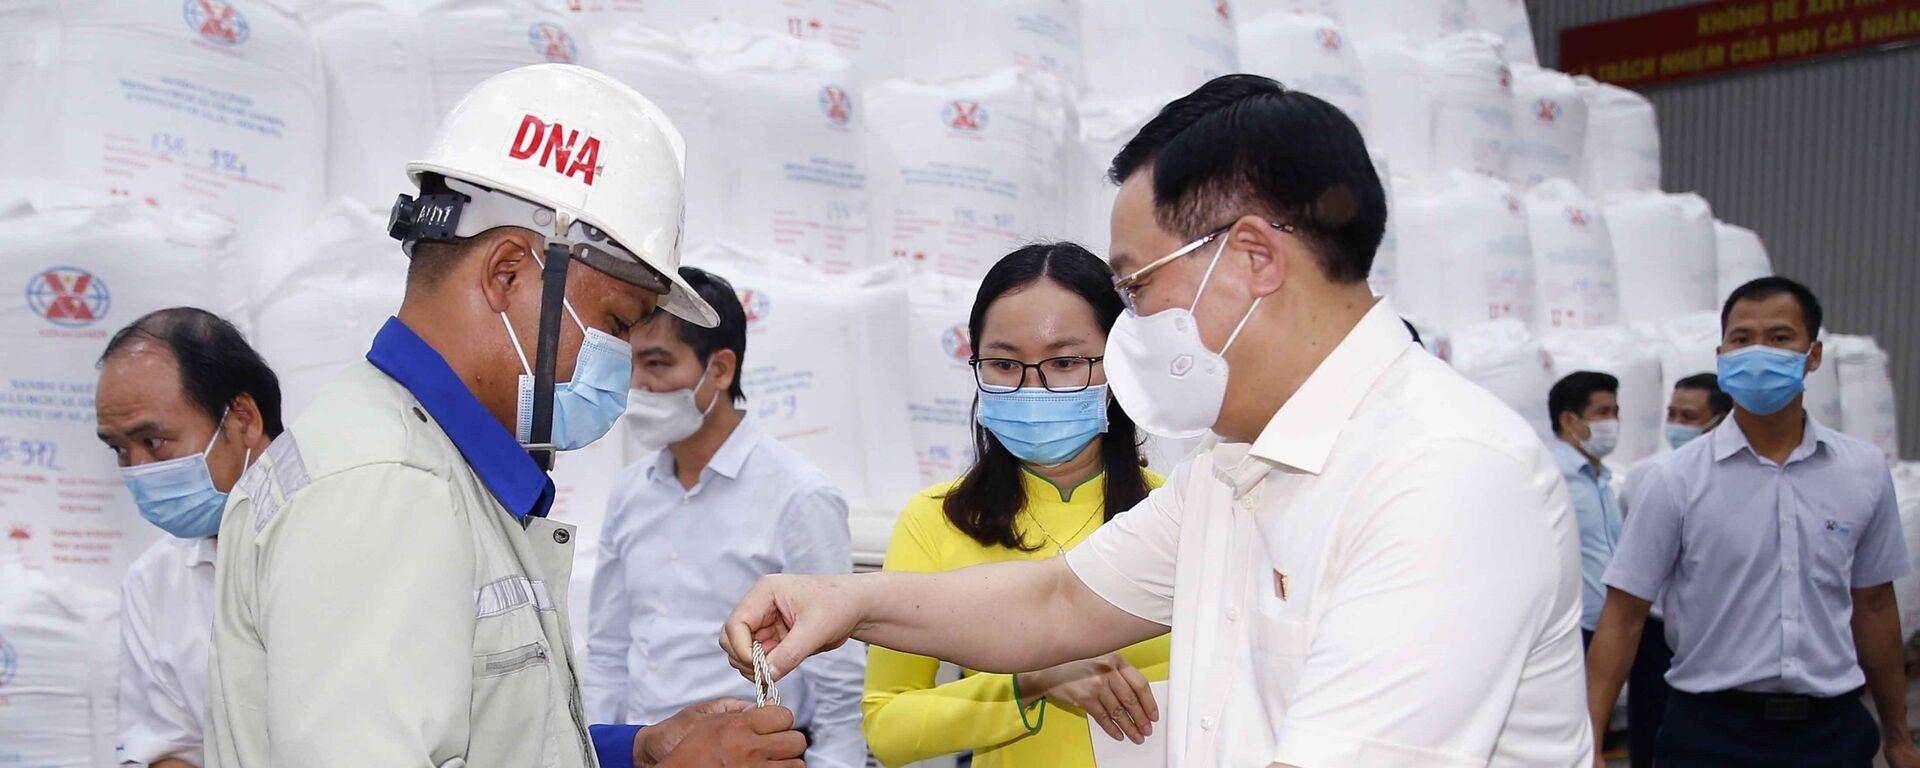 Chủ tịch Quốc hội Vương Đình Huệ tặng quà cho công nhân có hoàn cảnh khó khăn của Nhà máy Alumin Nhân Cơ - Sputnik Việt Nam, 1920, 28.07.2021